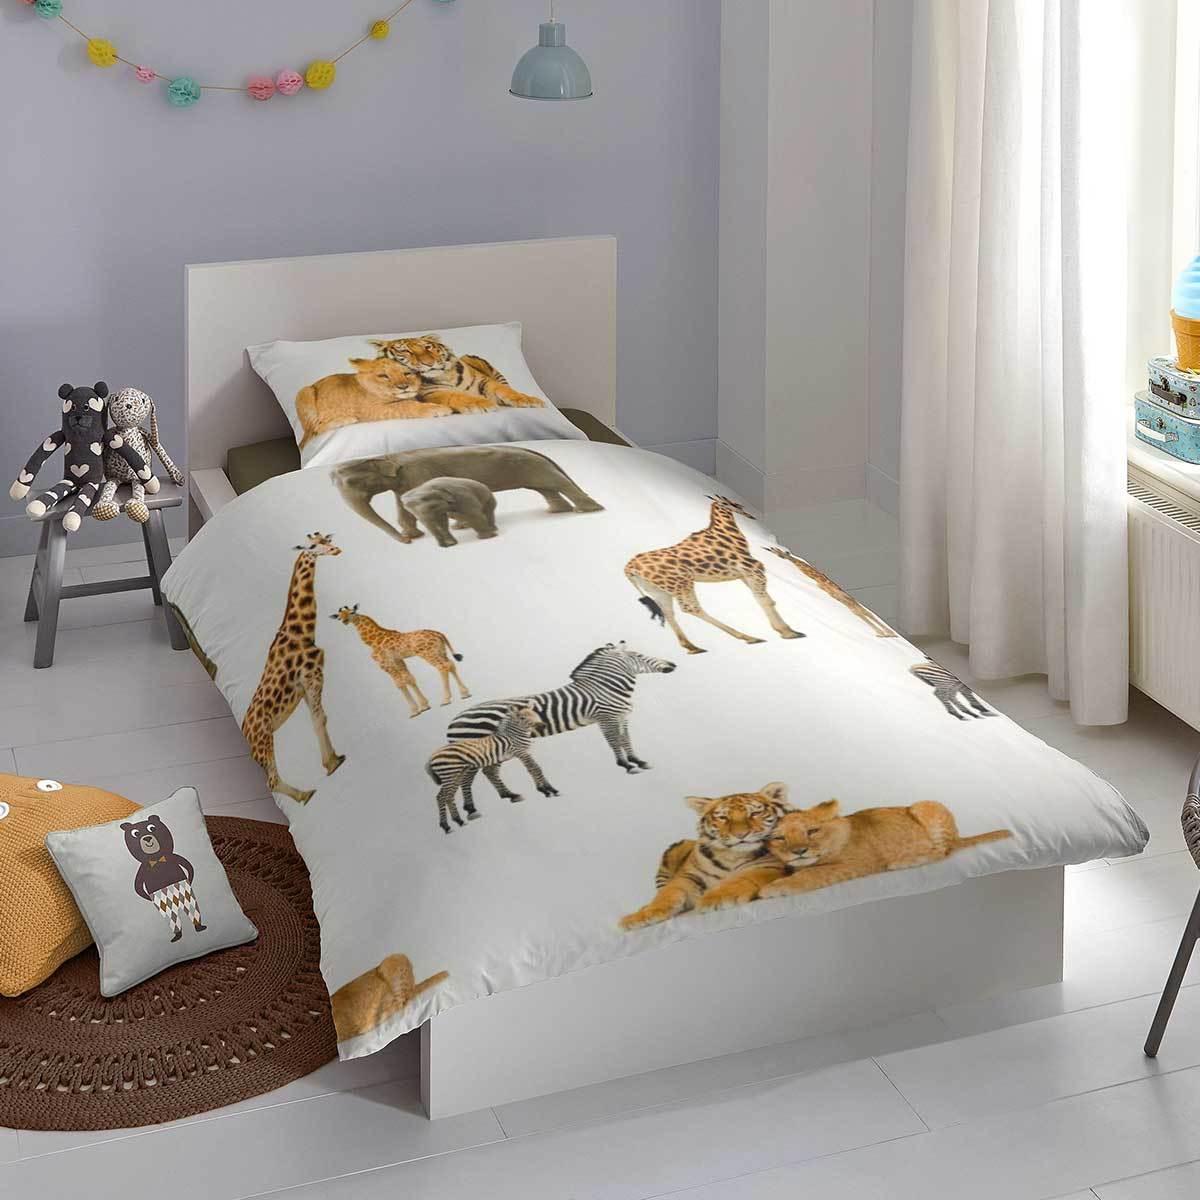 Good Morning Flanell Bettwäsche Löwen Zebras Giraffen